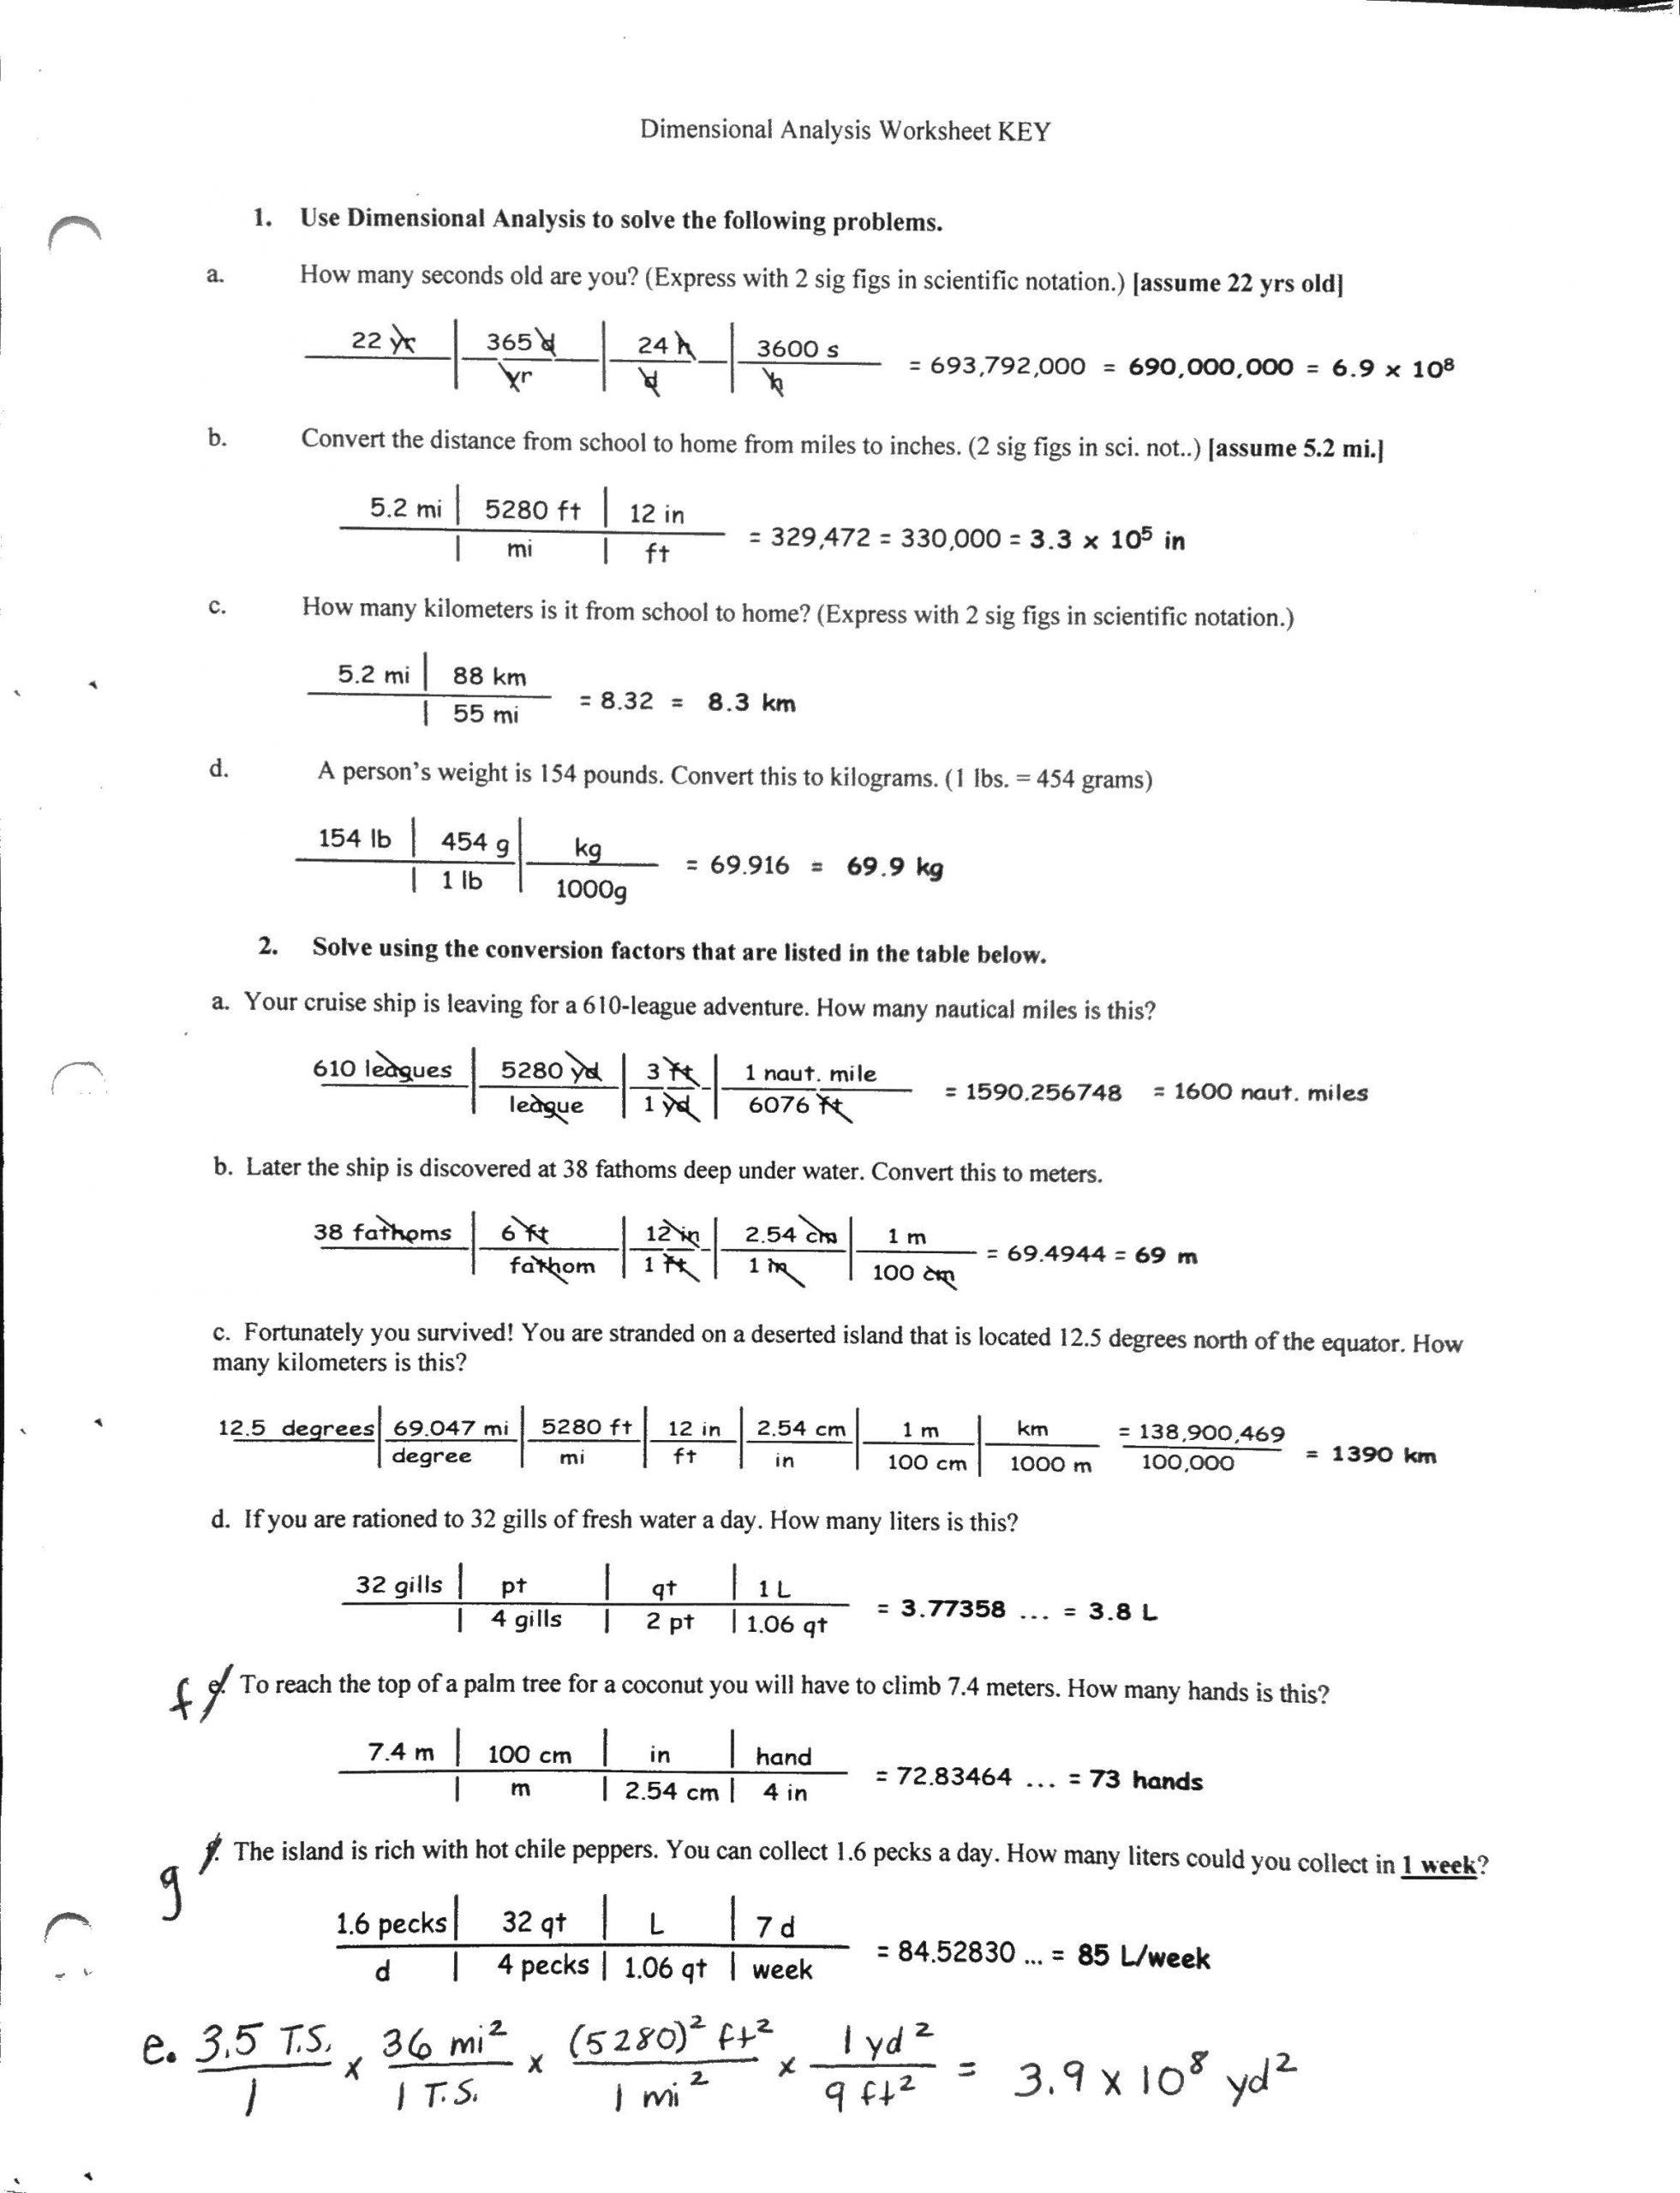 Dimensional Analysis Worksheet 2 29 Dimensional Analysis Worksheet Answers Worksheet